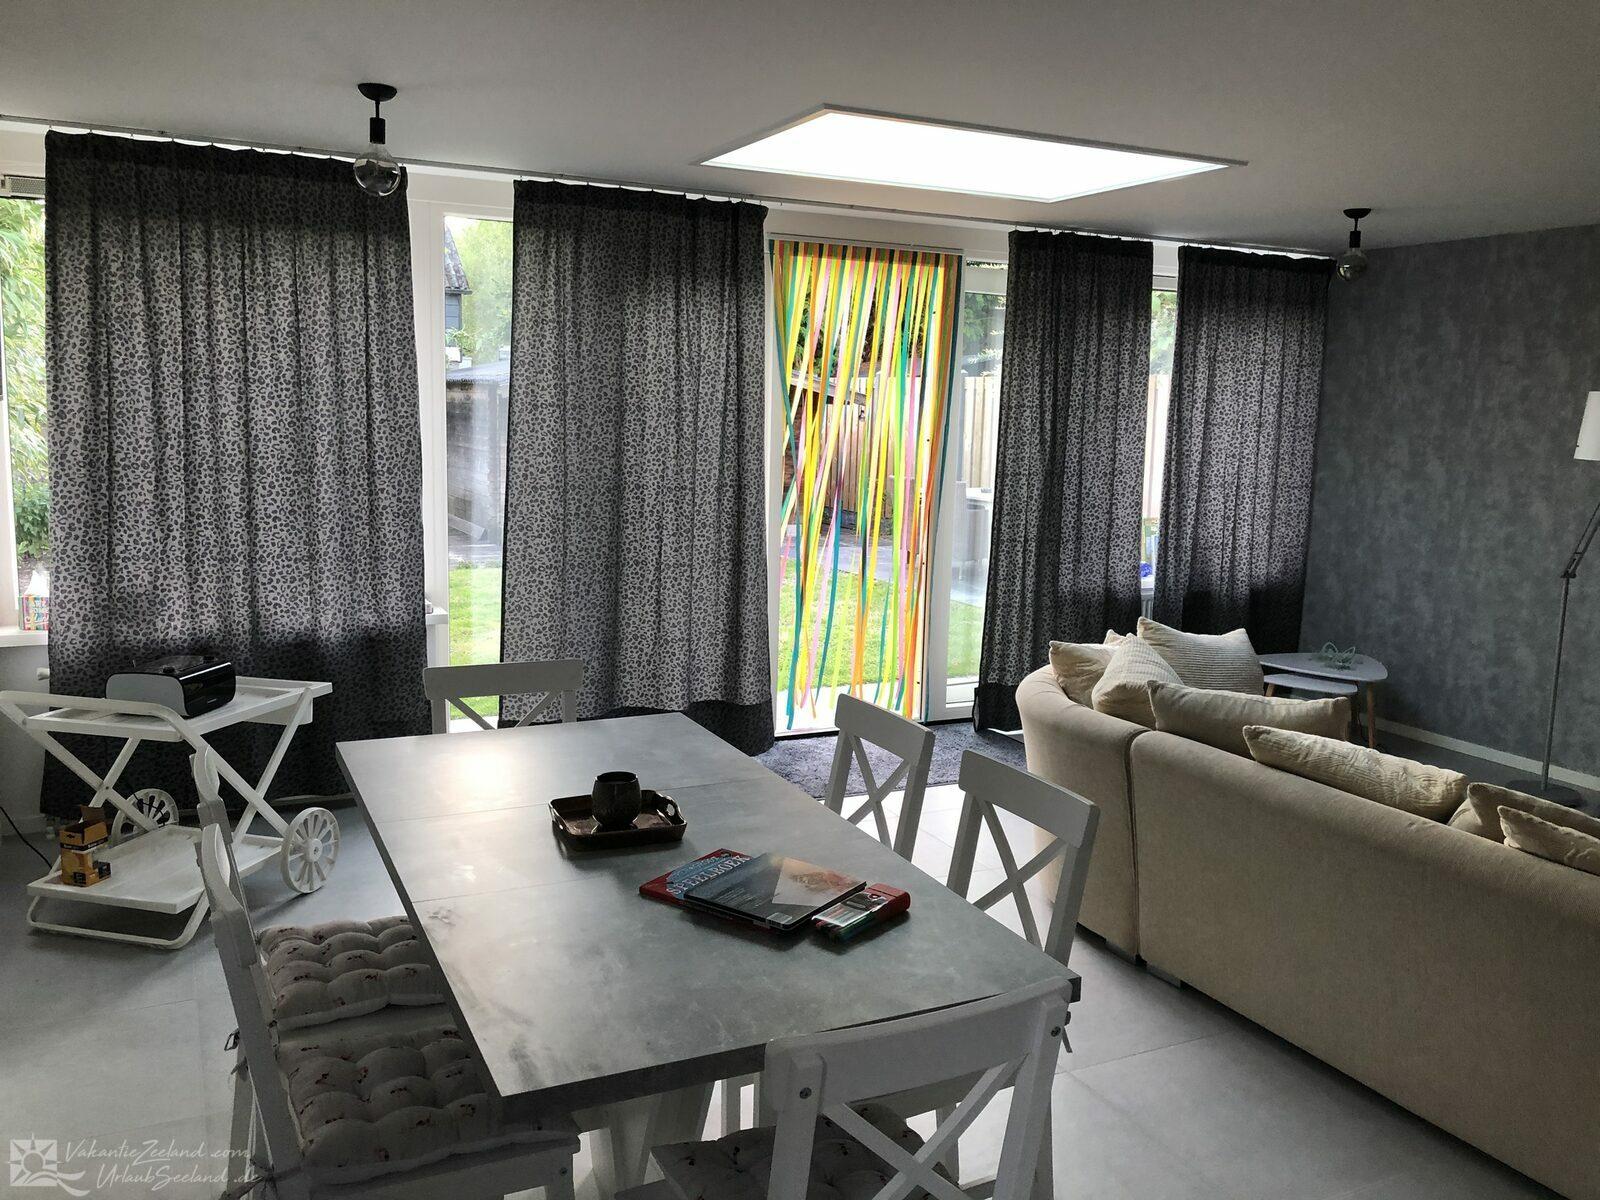 VZ881 Holiday home in Hengstdijk